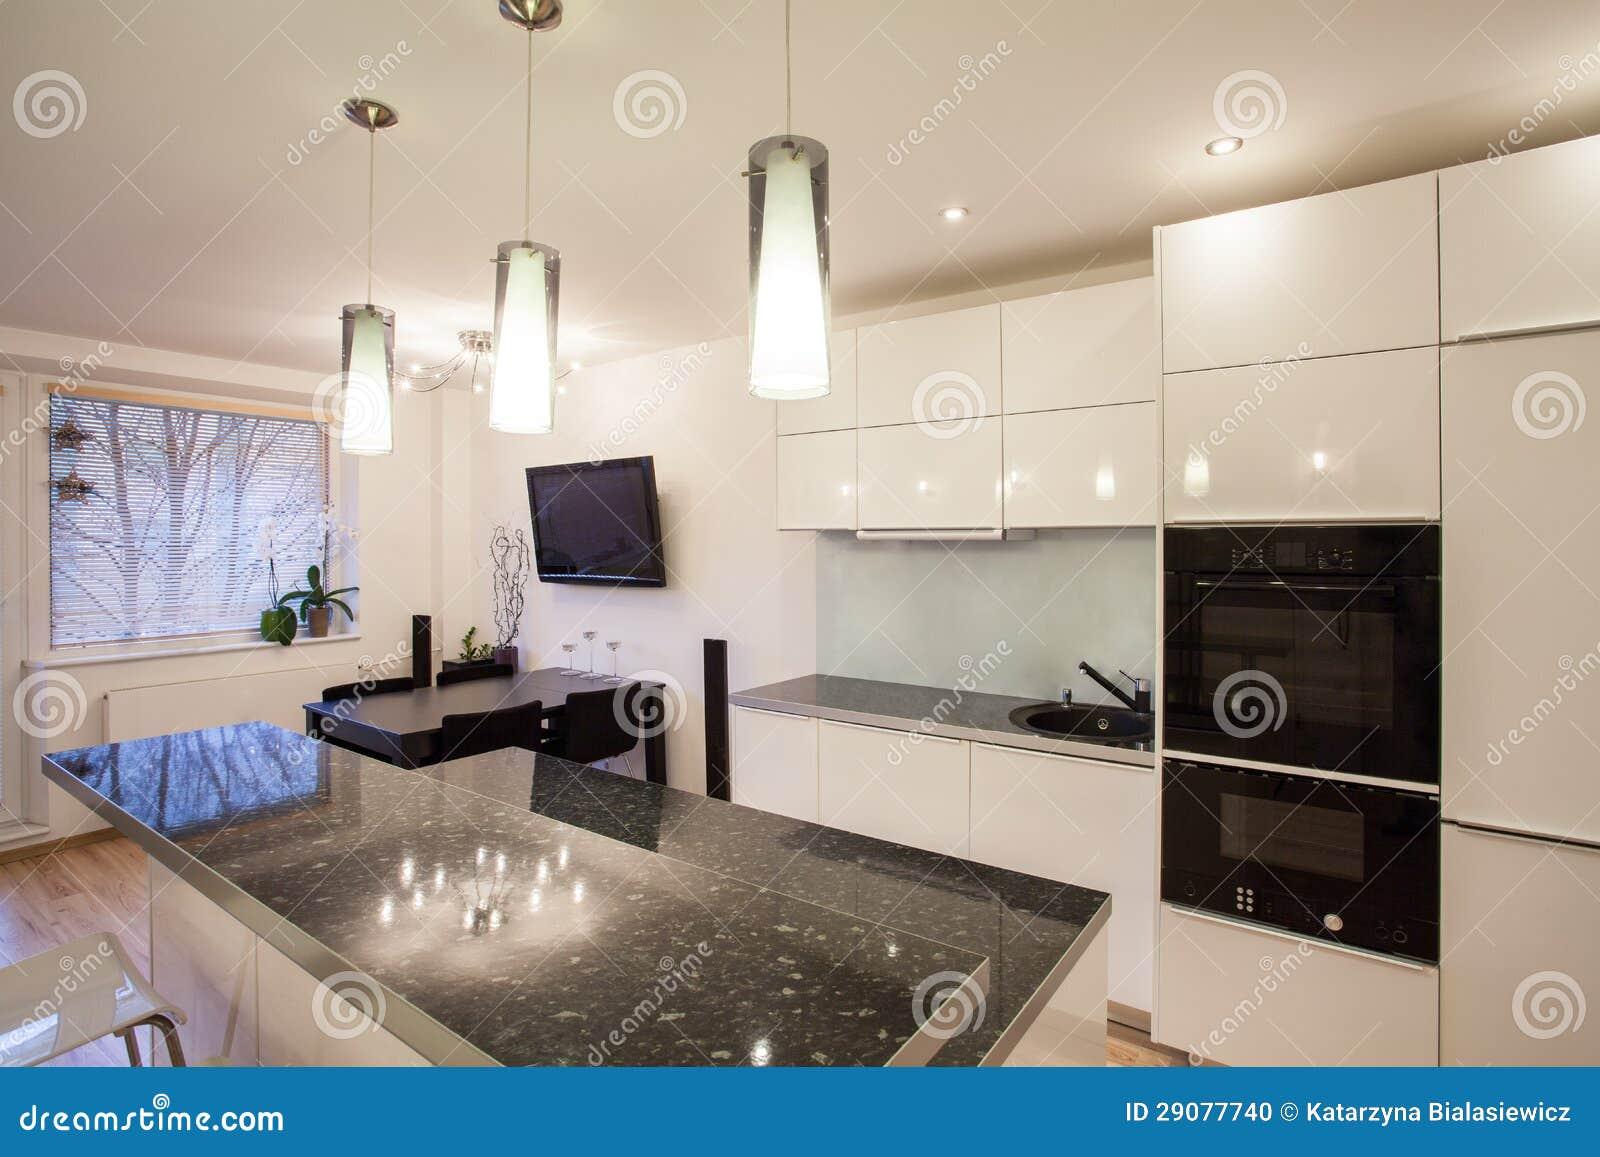 Plano elegante cocina y comedor foto de archivo imagen for Plano cocina comedor